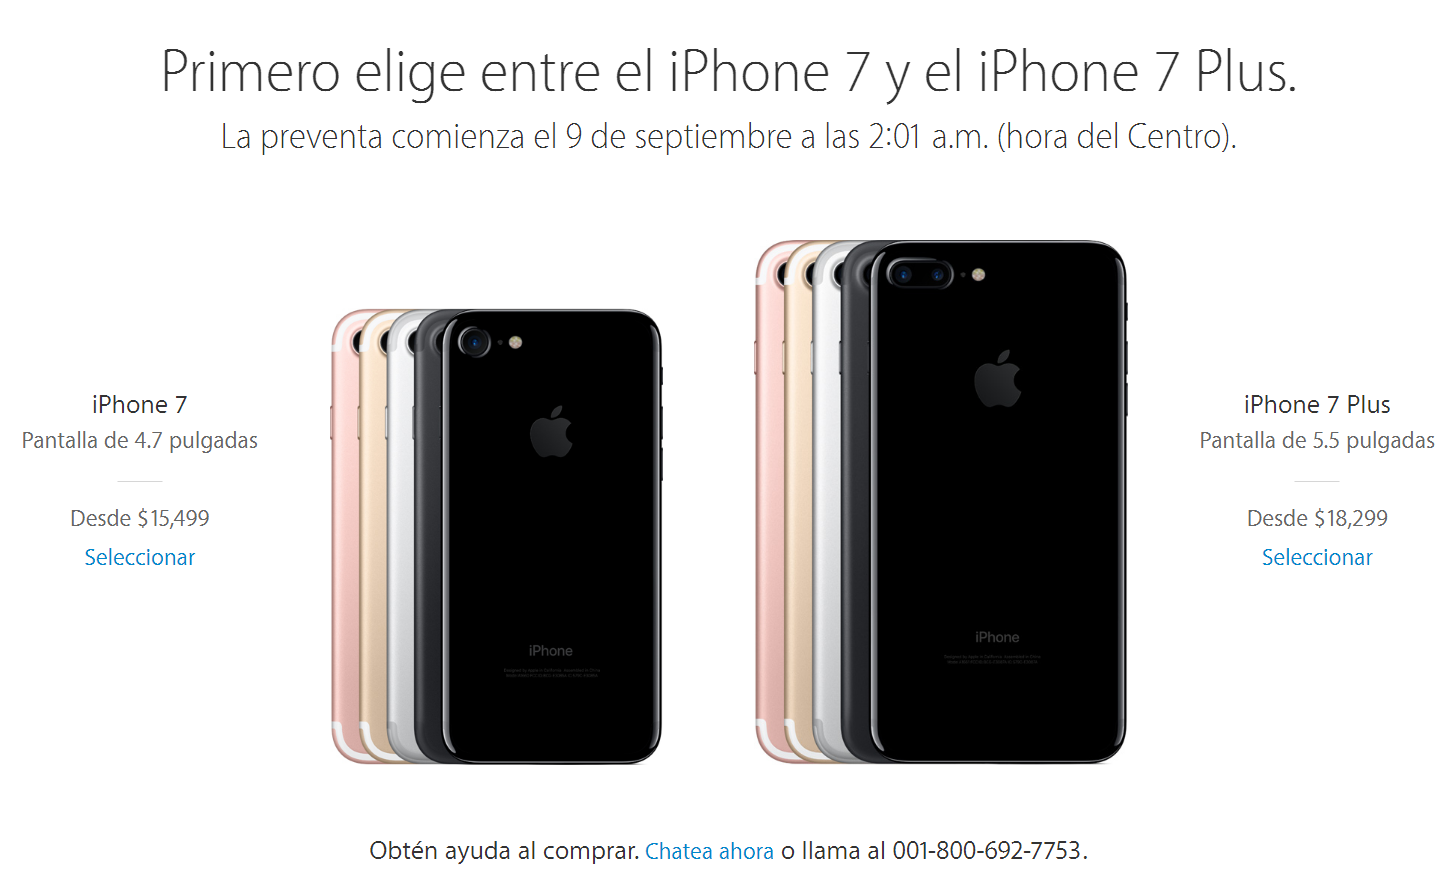 iphone 7 iphone 7 plus precios mexico